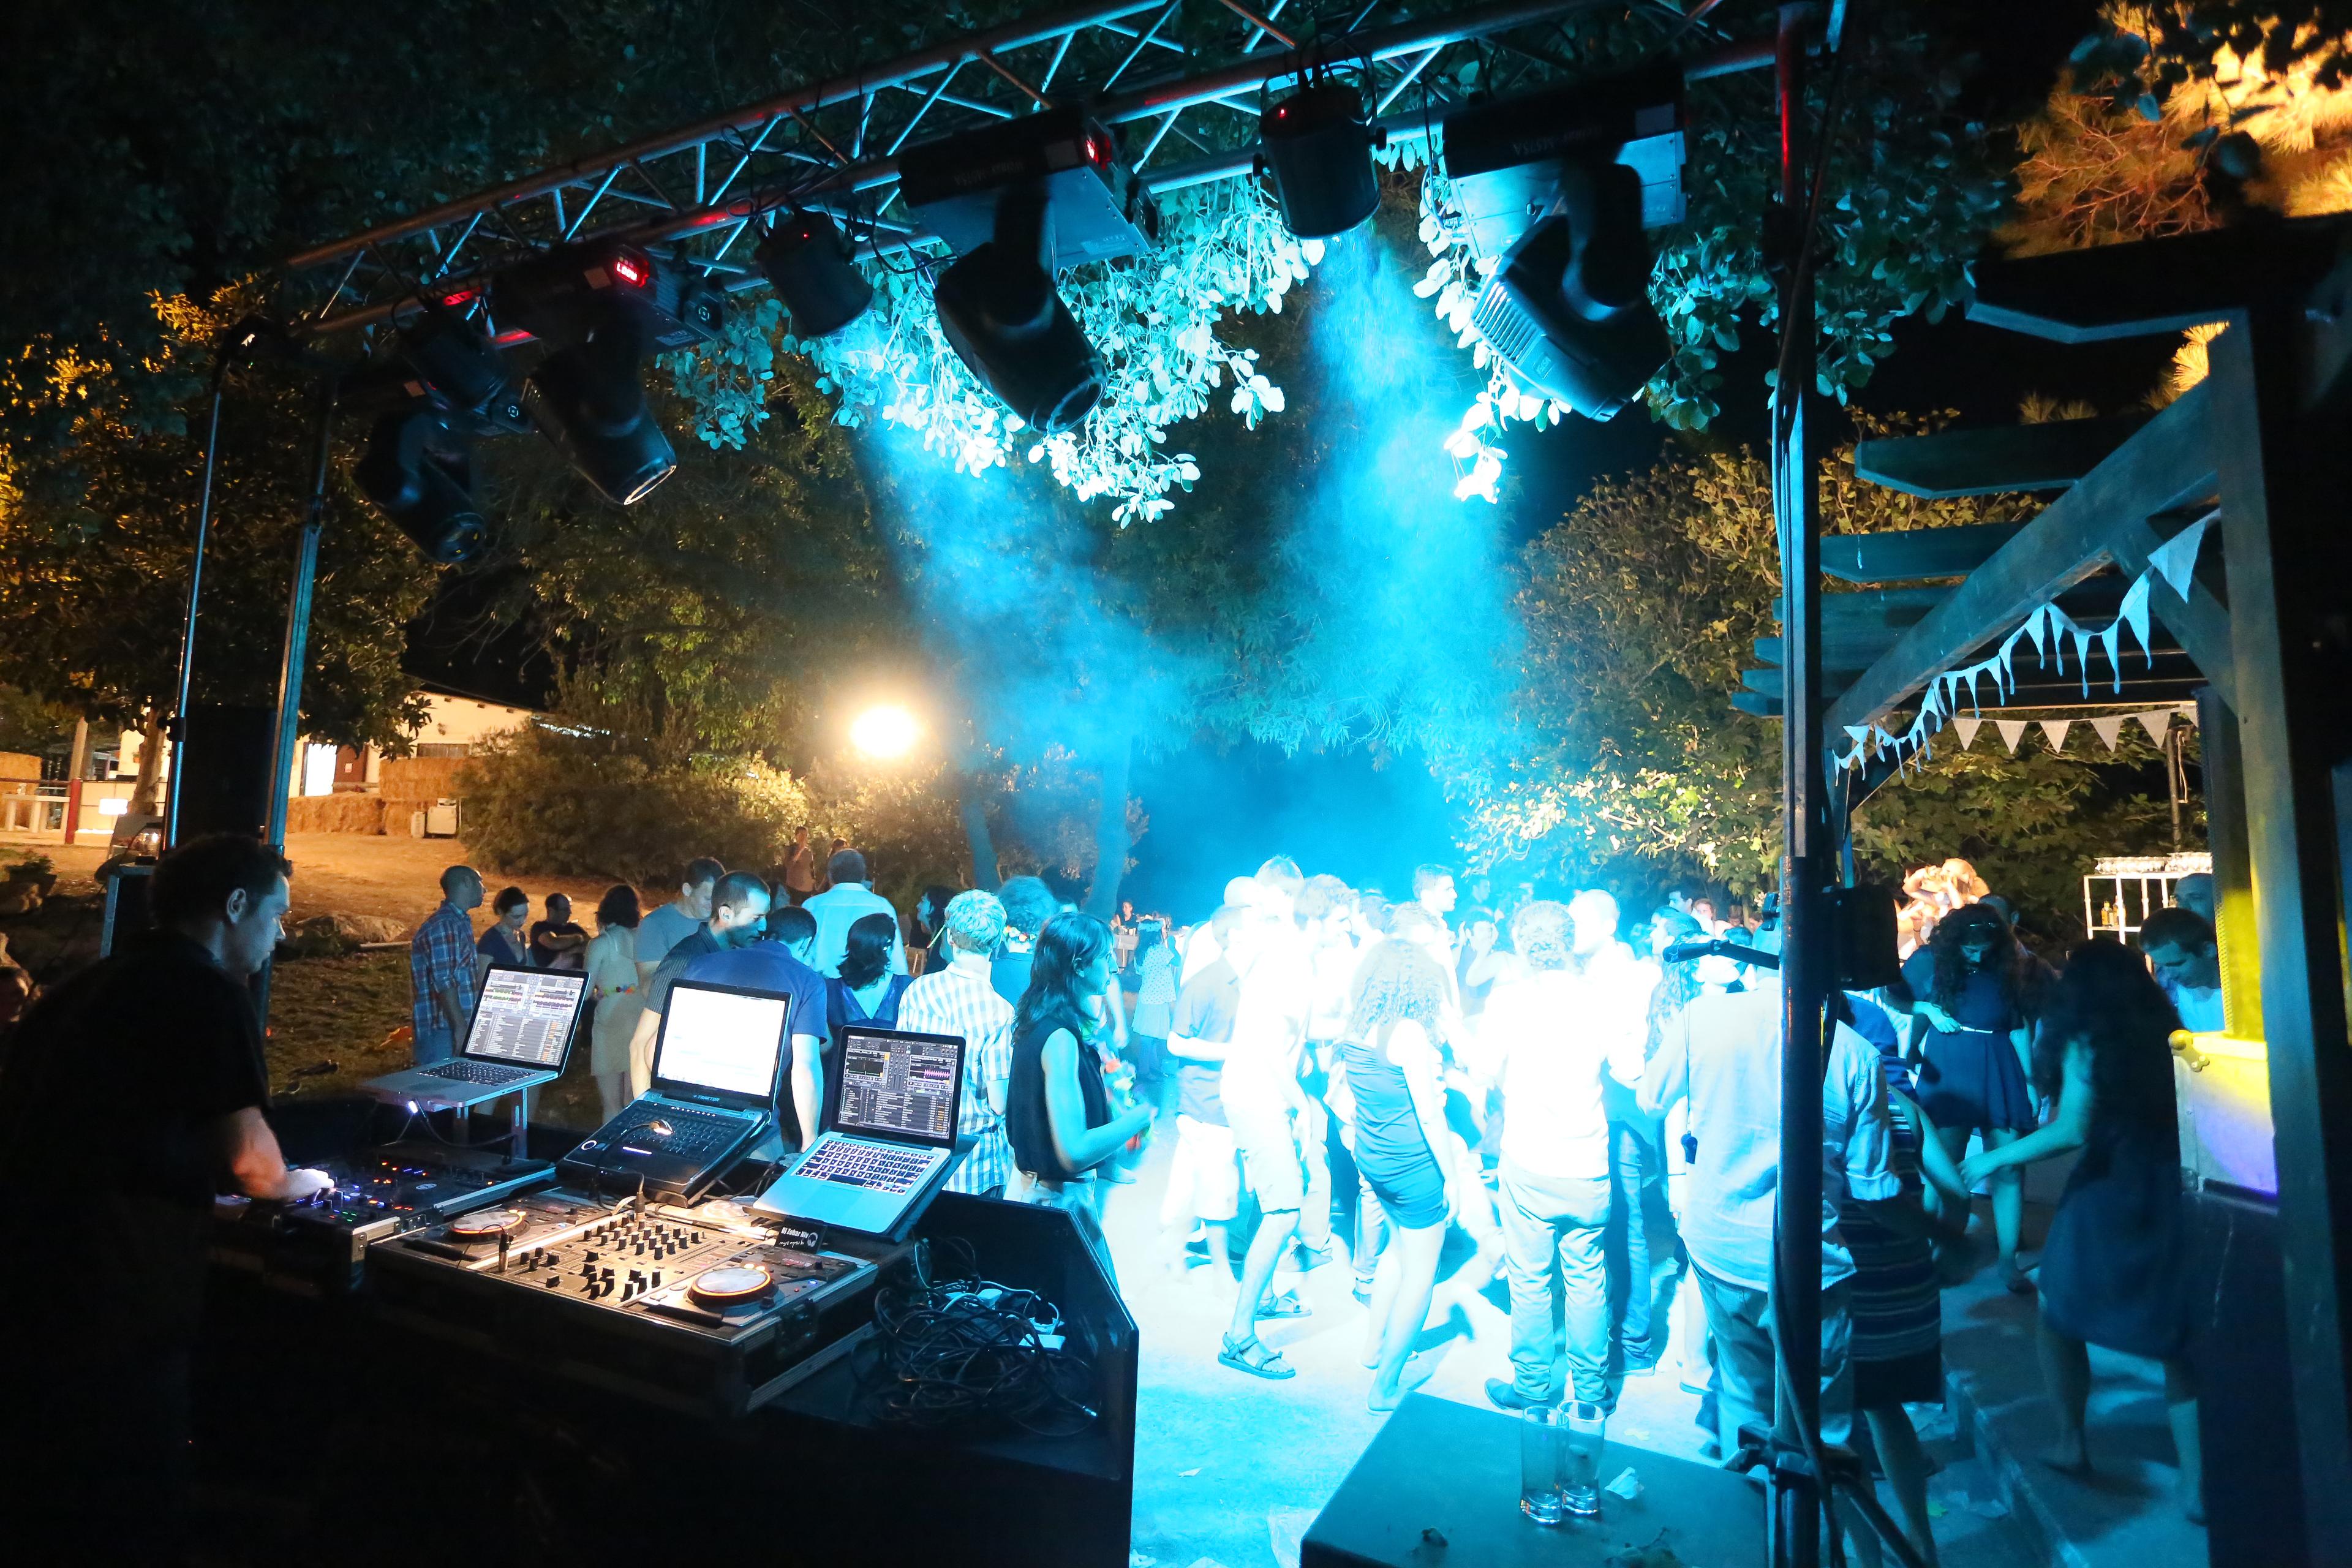 שגב וניצן - ספטמבר 2012 קיבוץ דליה מומנט צלמים (3).jpg